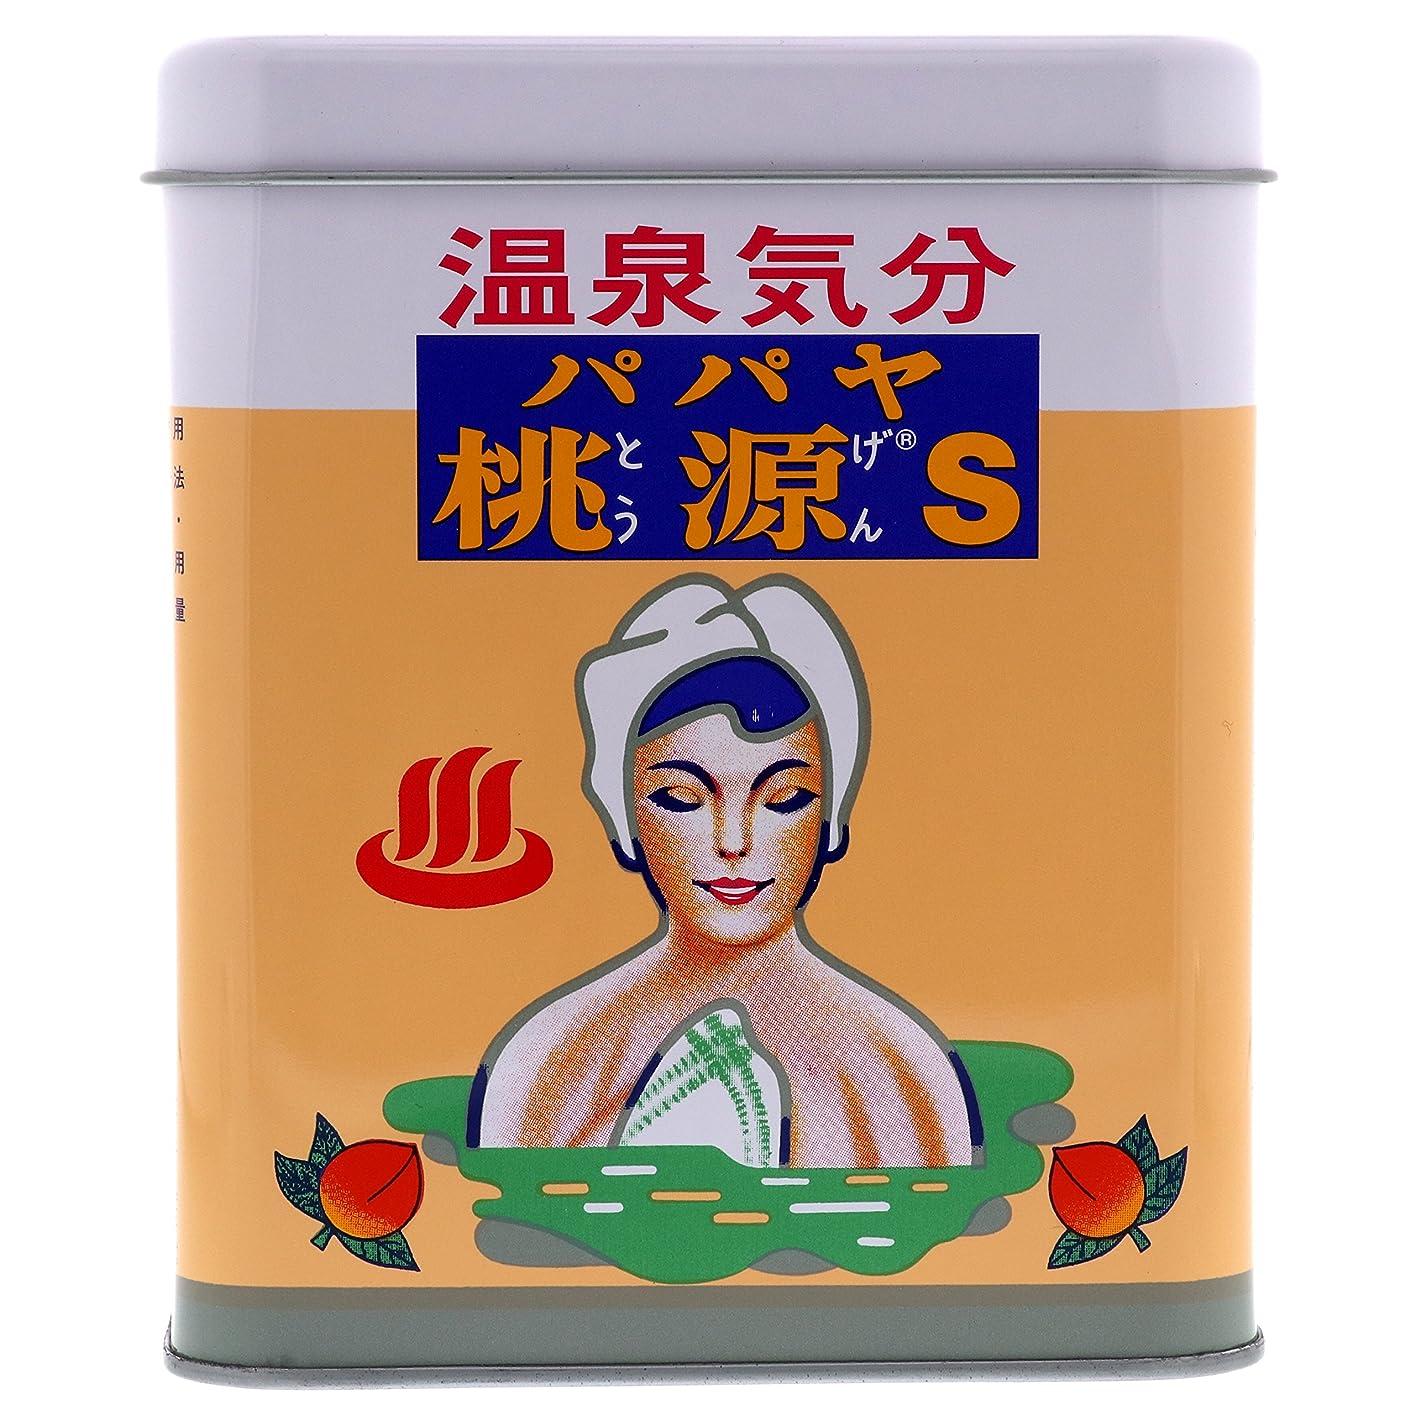 タイピスト歯不完全なパパヤ桃源S 700g 缶 [医薬部外品]